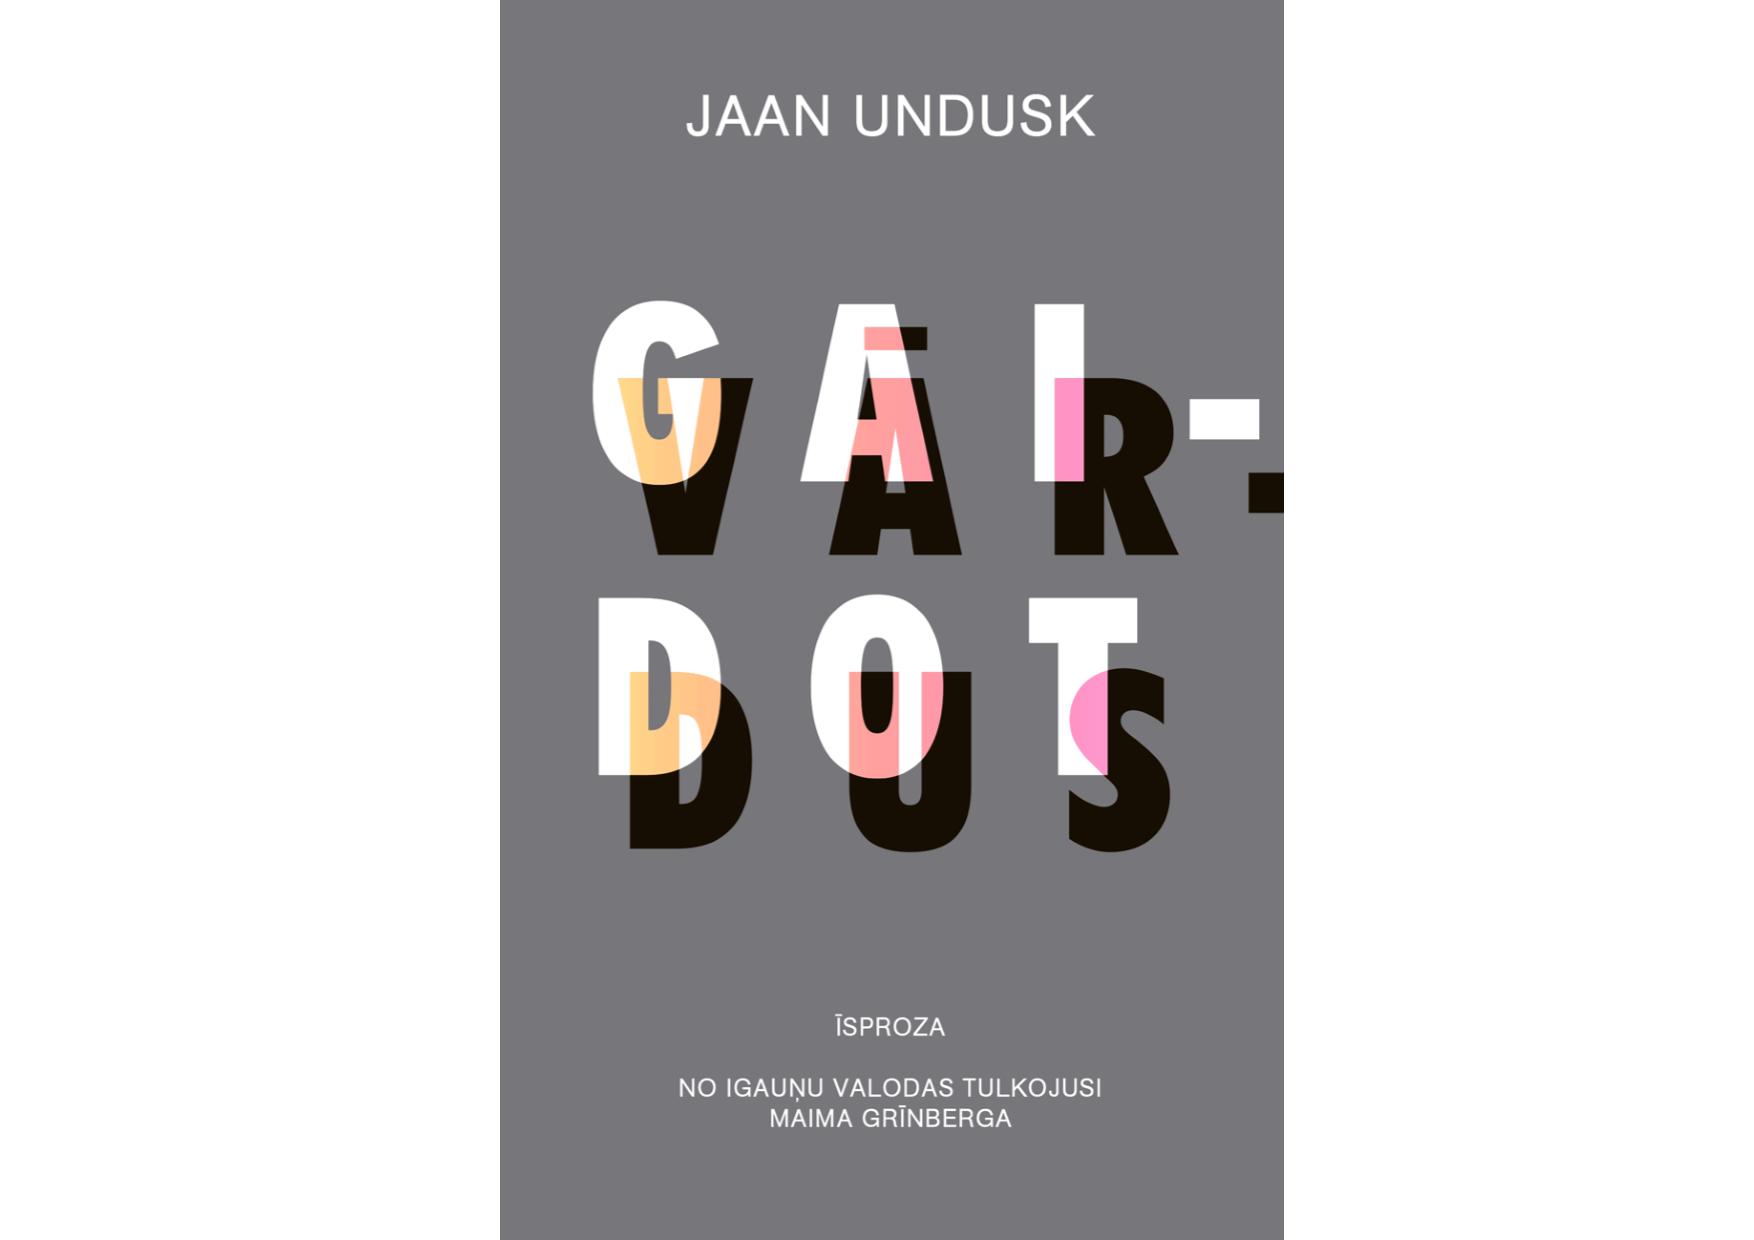 Jaan Undusk